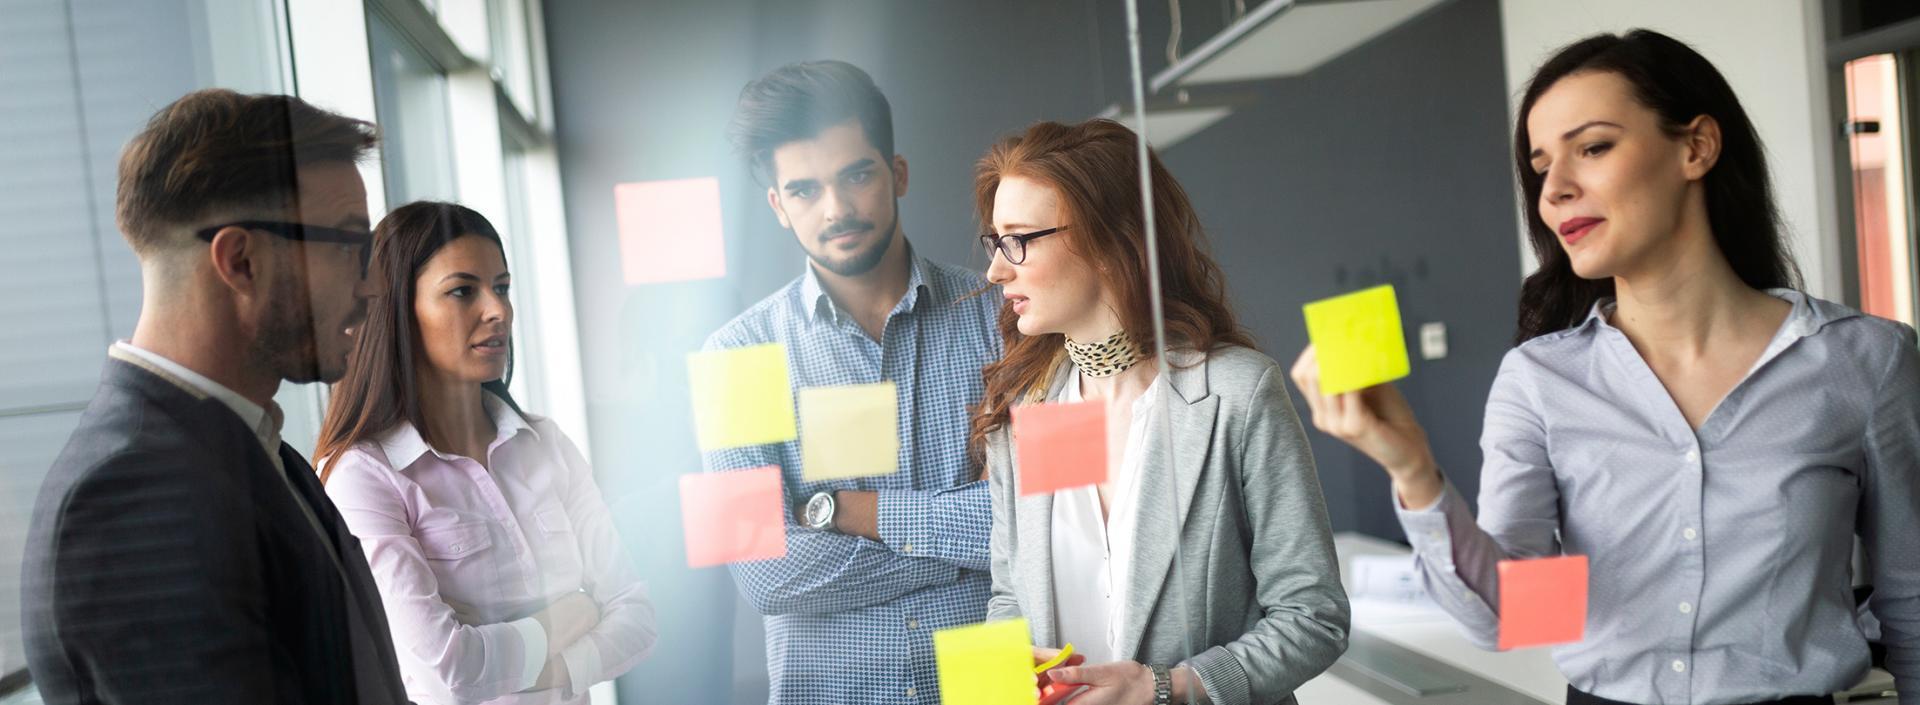 Curso Intensivo em Recrutamento, Seleção e Branding